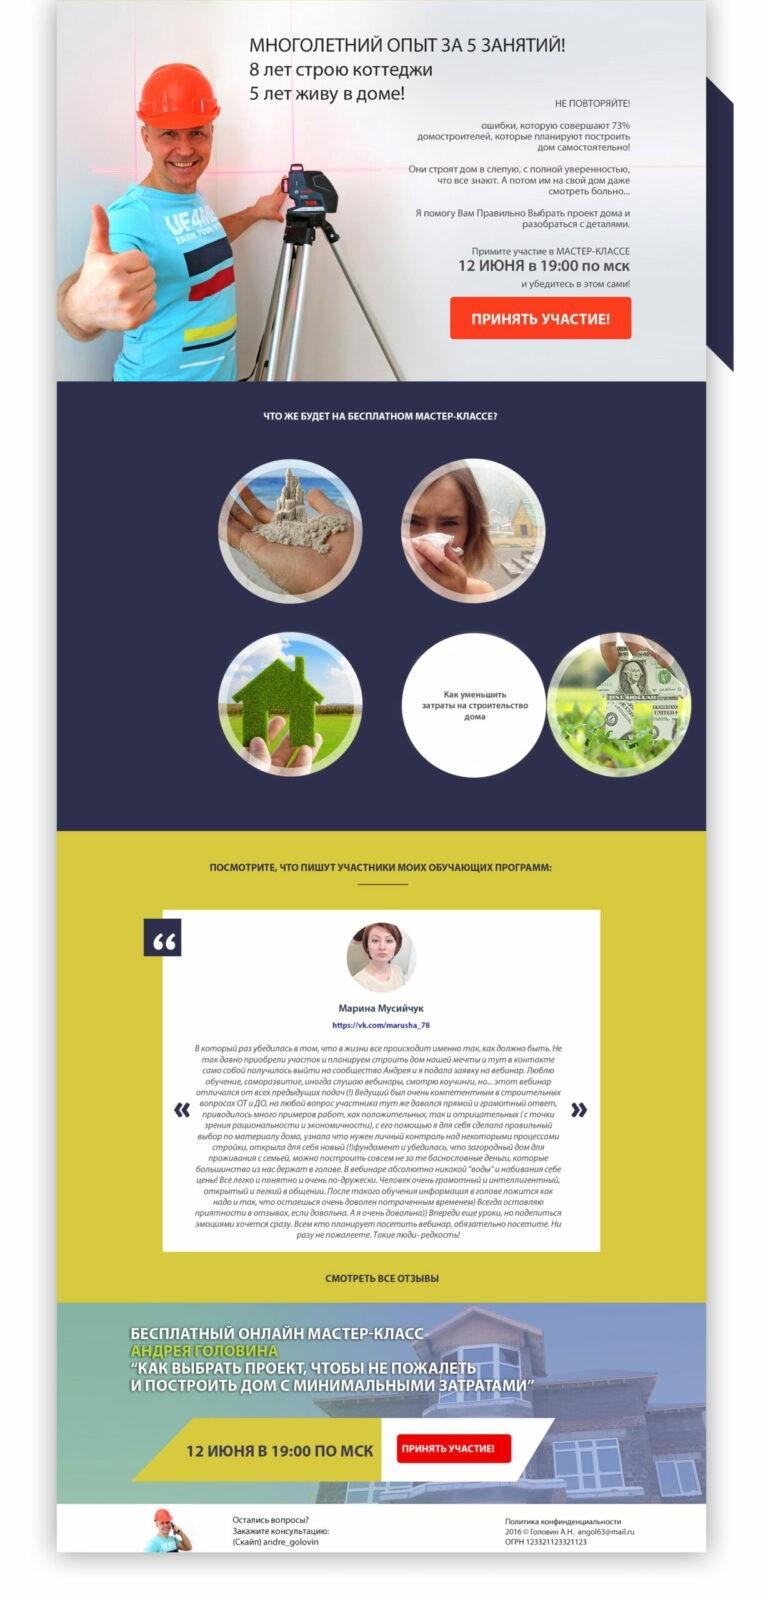 Разработка лендинга онлайн школы на вебинар